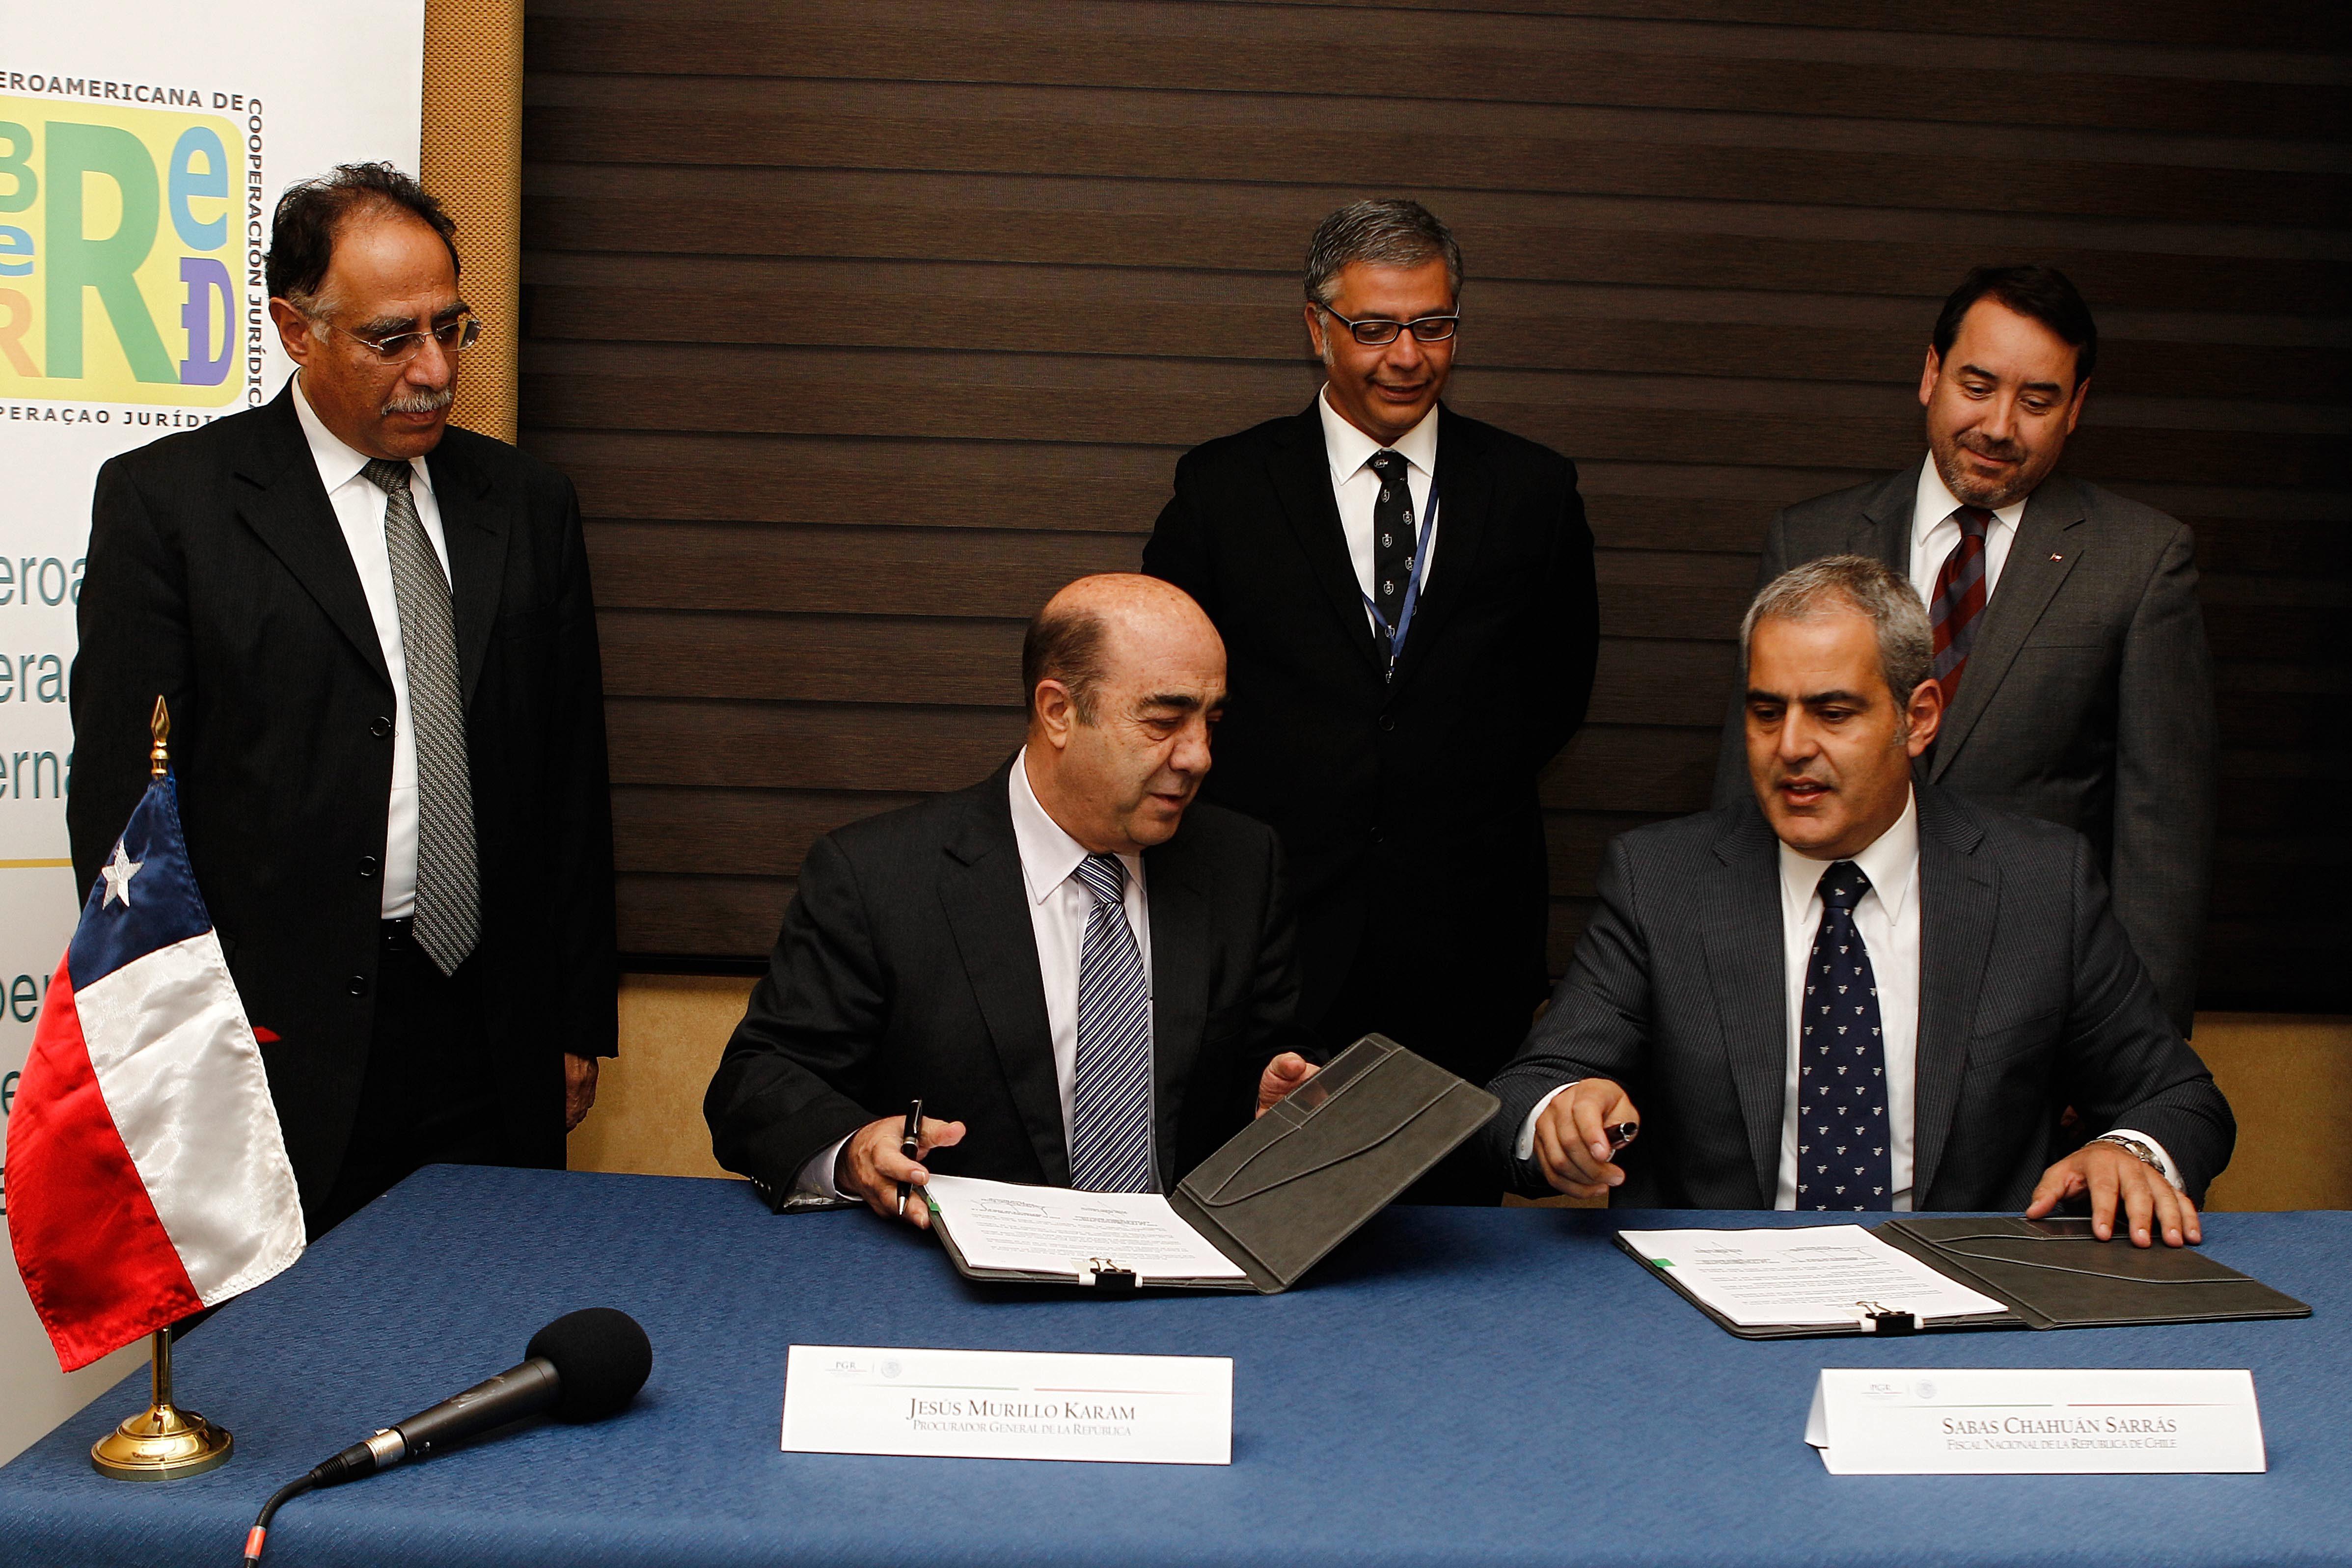 PGR impulsa cooperación Iberoamericana contra la delincuencia organizada: JMK